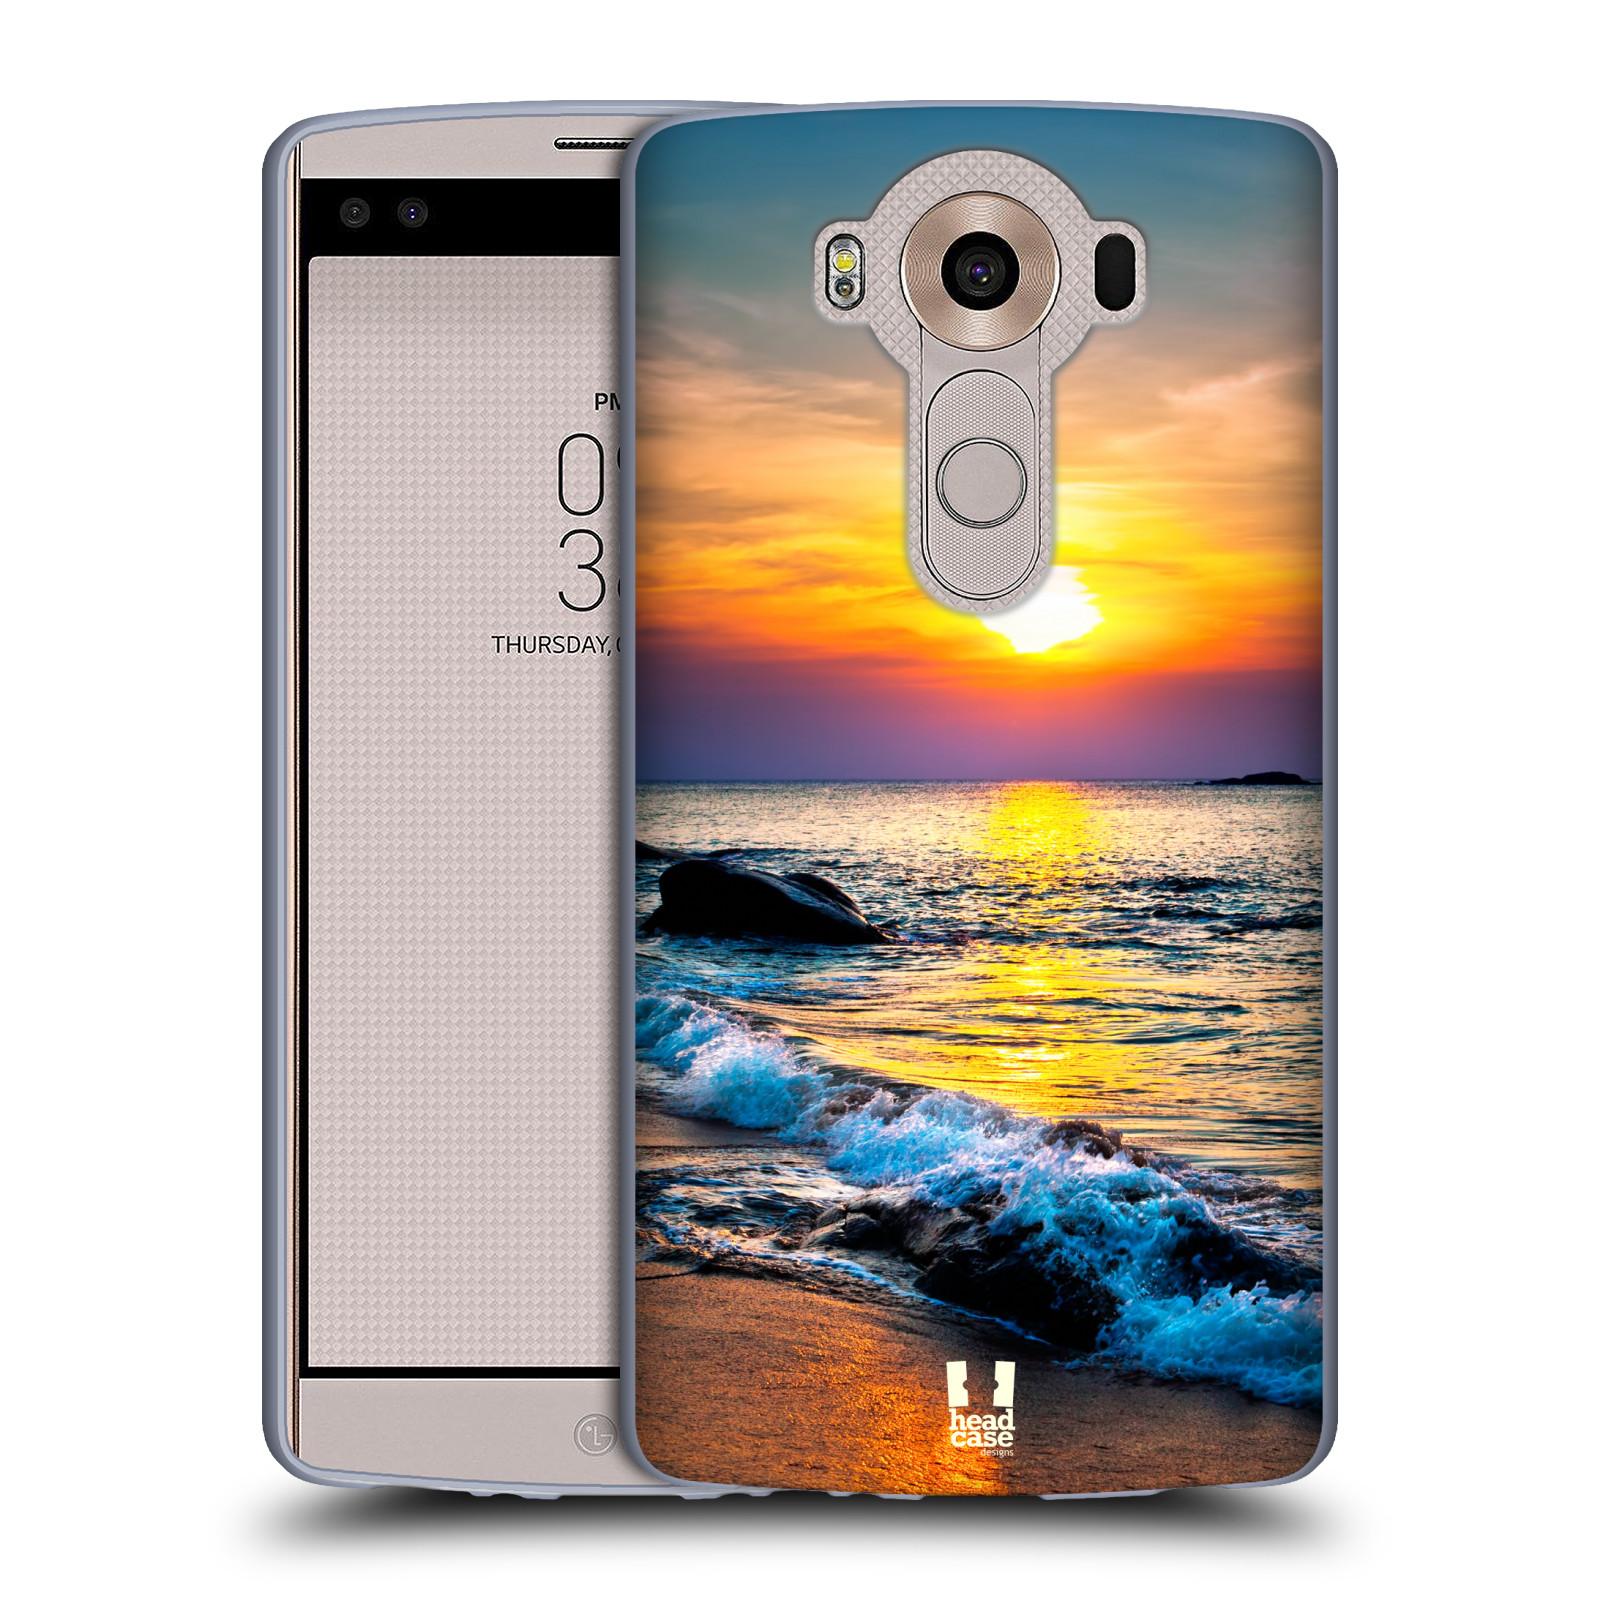 HEAD CASE silikonový obal na mobil LG V10 (H960A) vzor Pláže a Moře barevný západ slunce